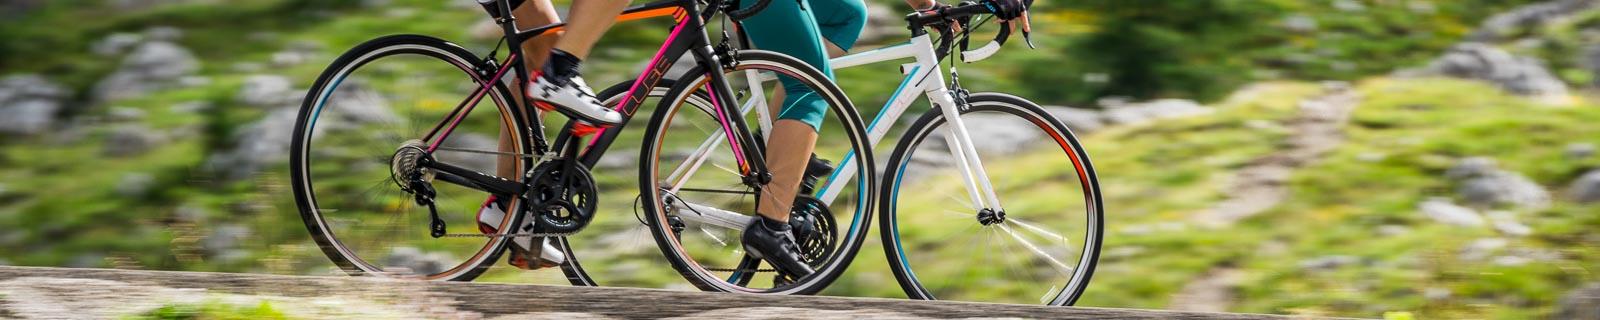 Bicilette da corsa femminili in carbonio e aluminio